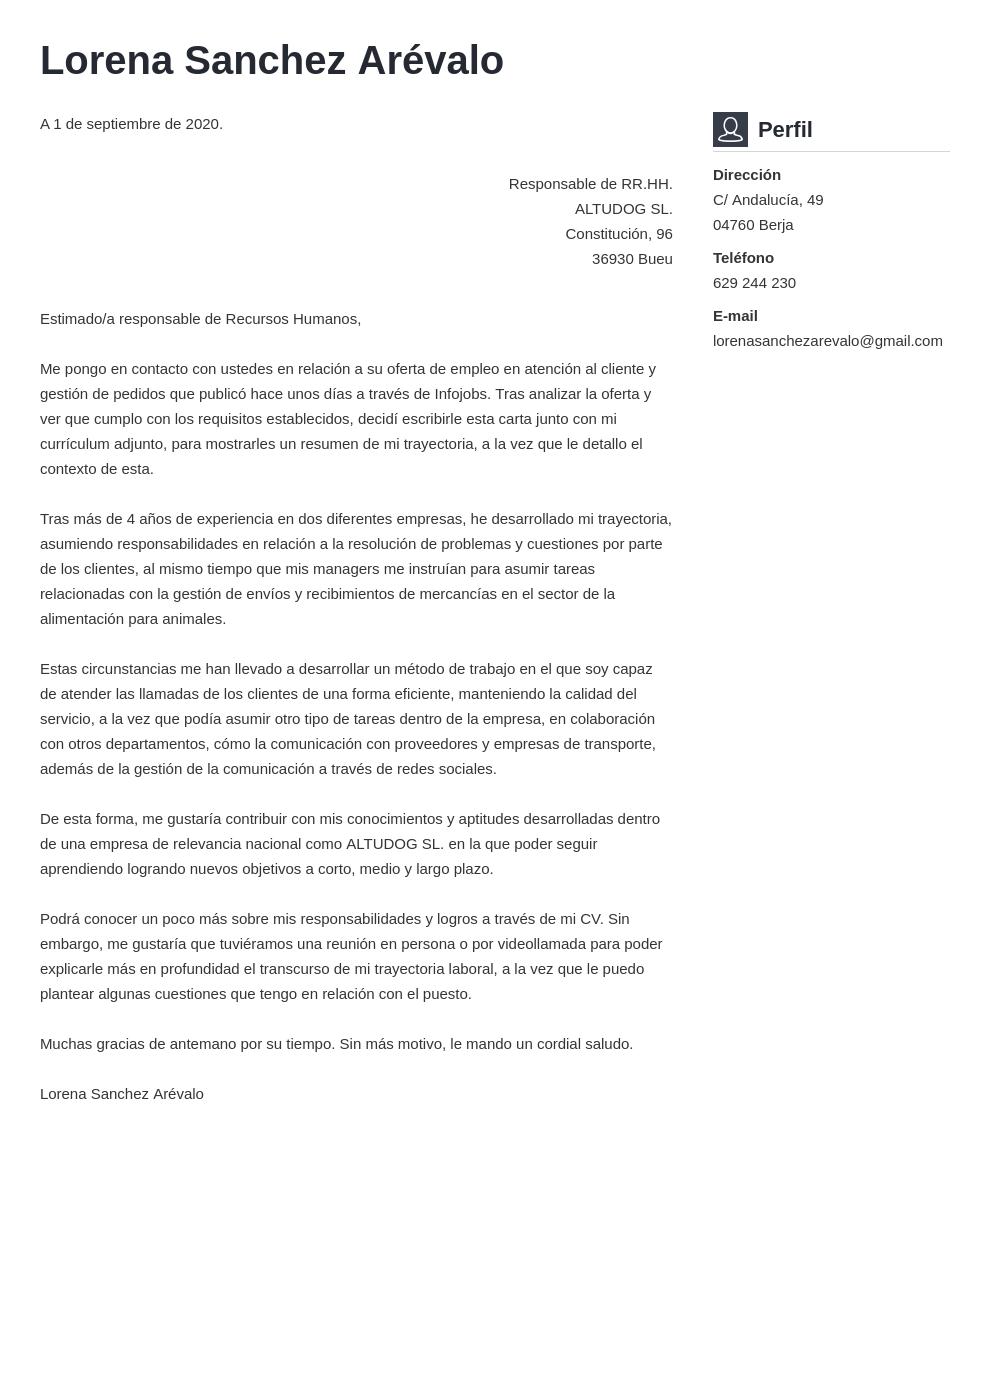 Ejemplo De Carta De Presentación Para Atención Al Cliente